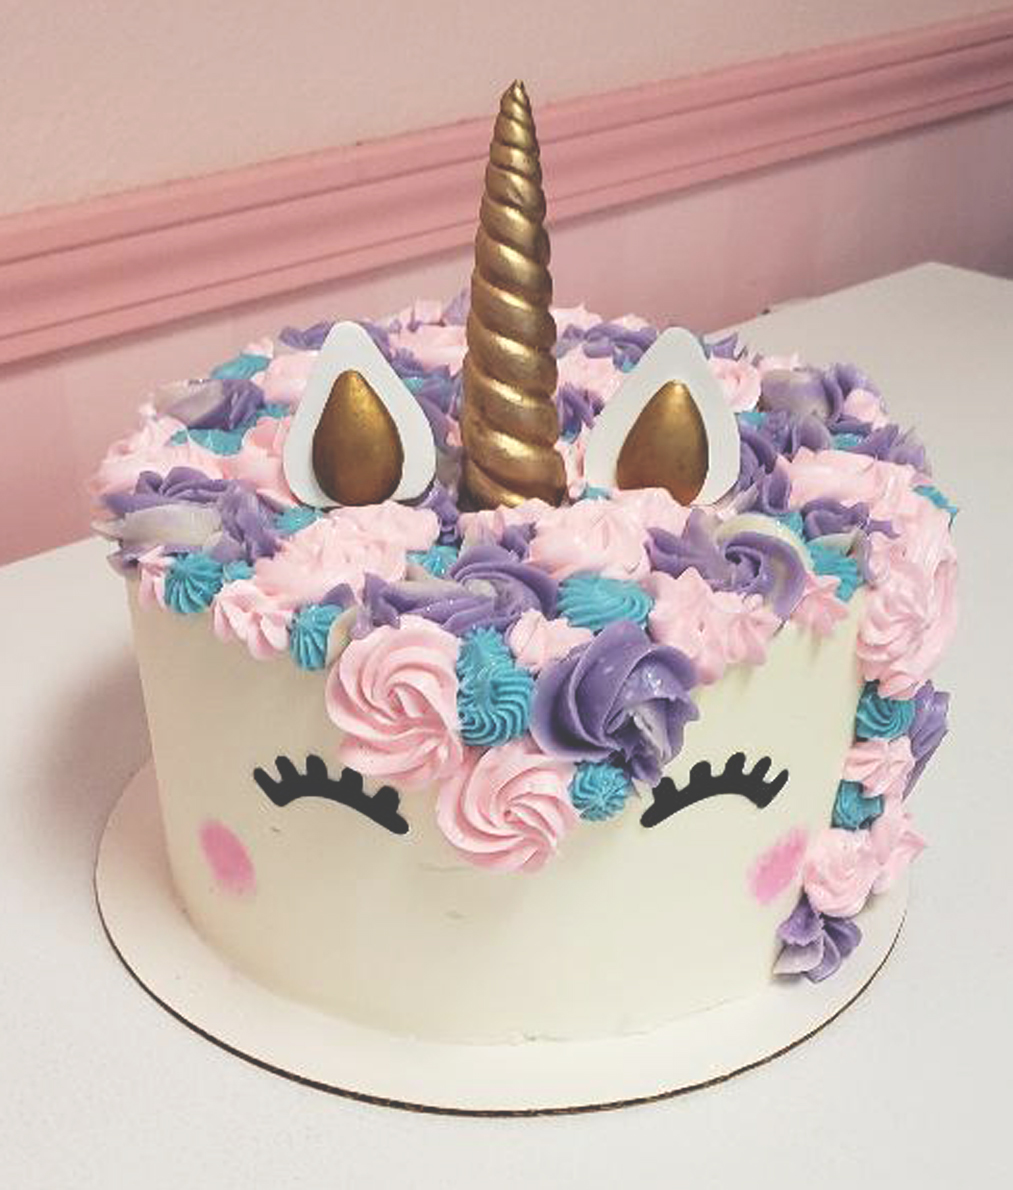 unicorn cake 3 ang